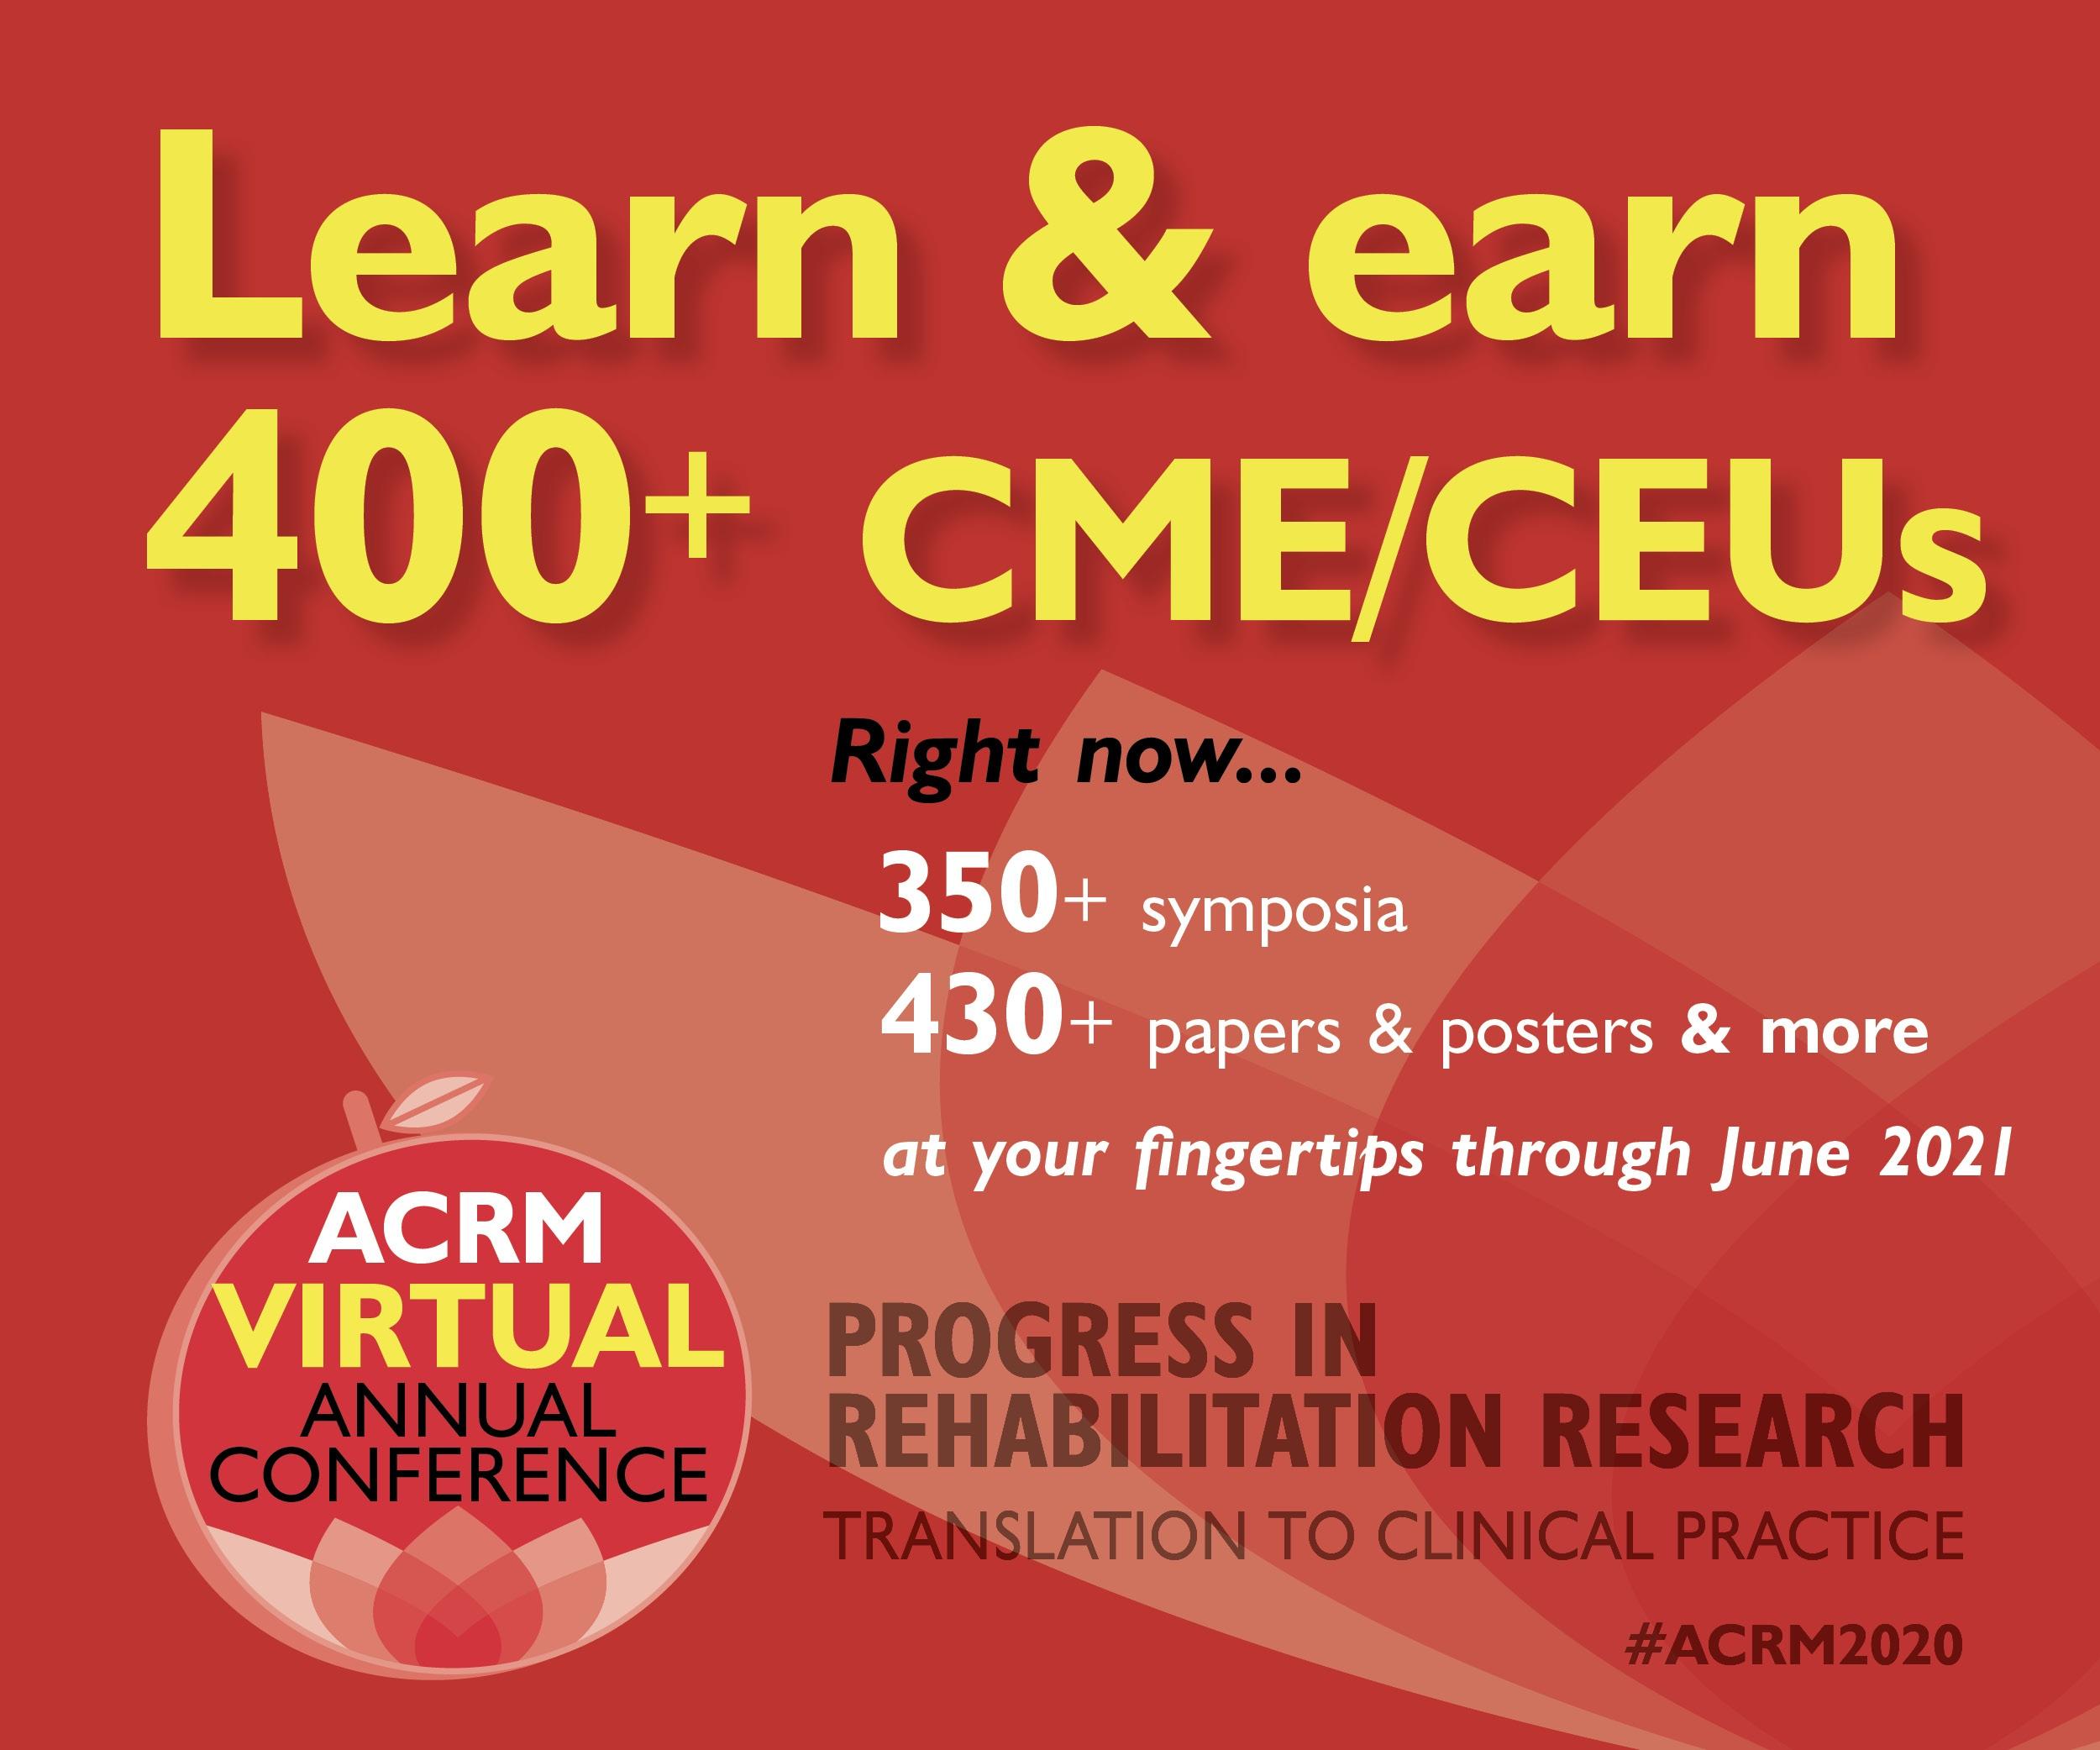 Learn & earn 400+ CME/CEUs